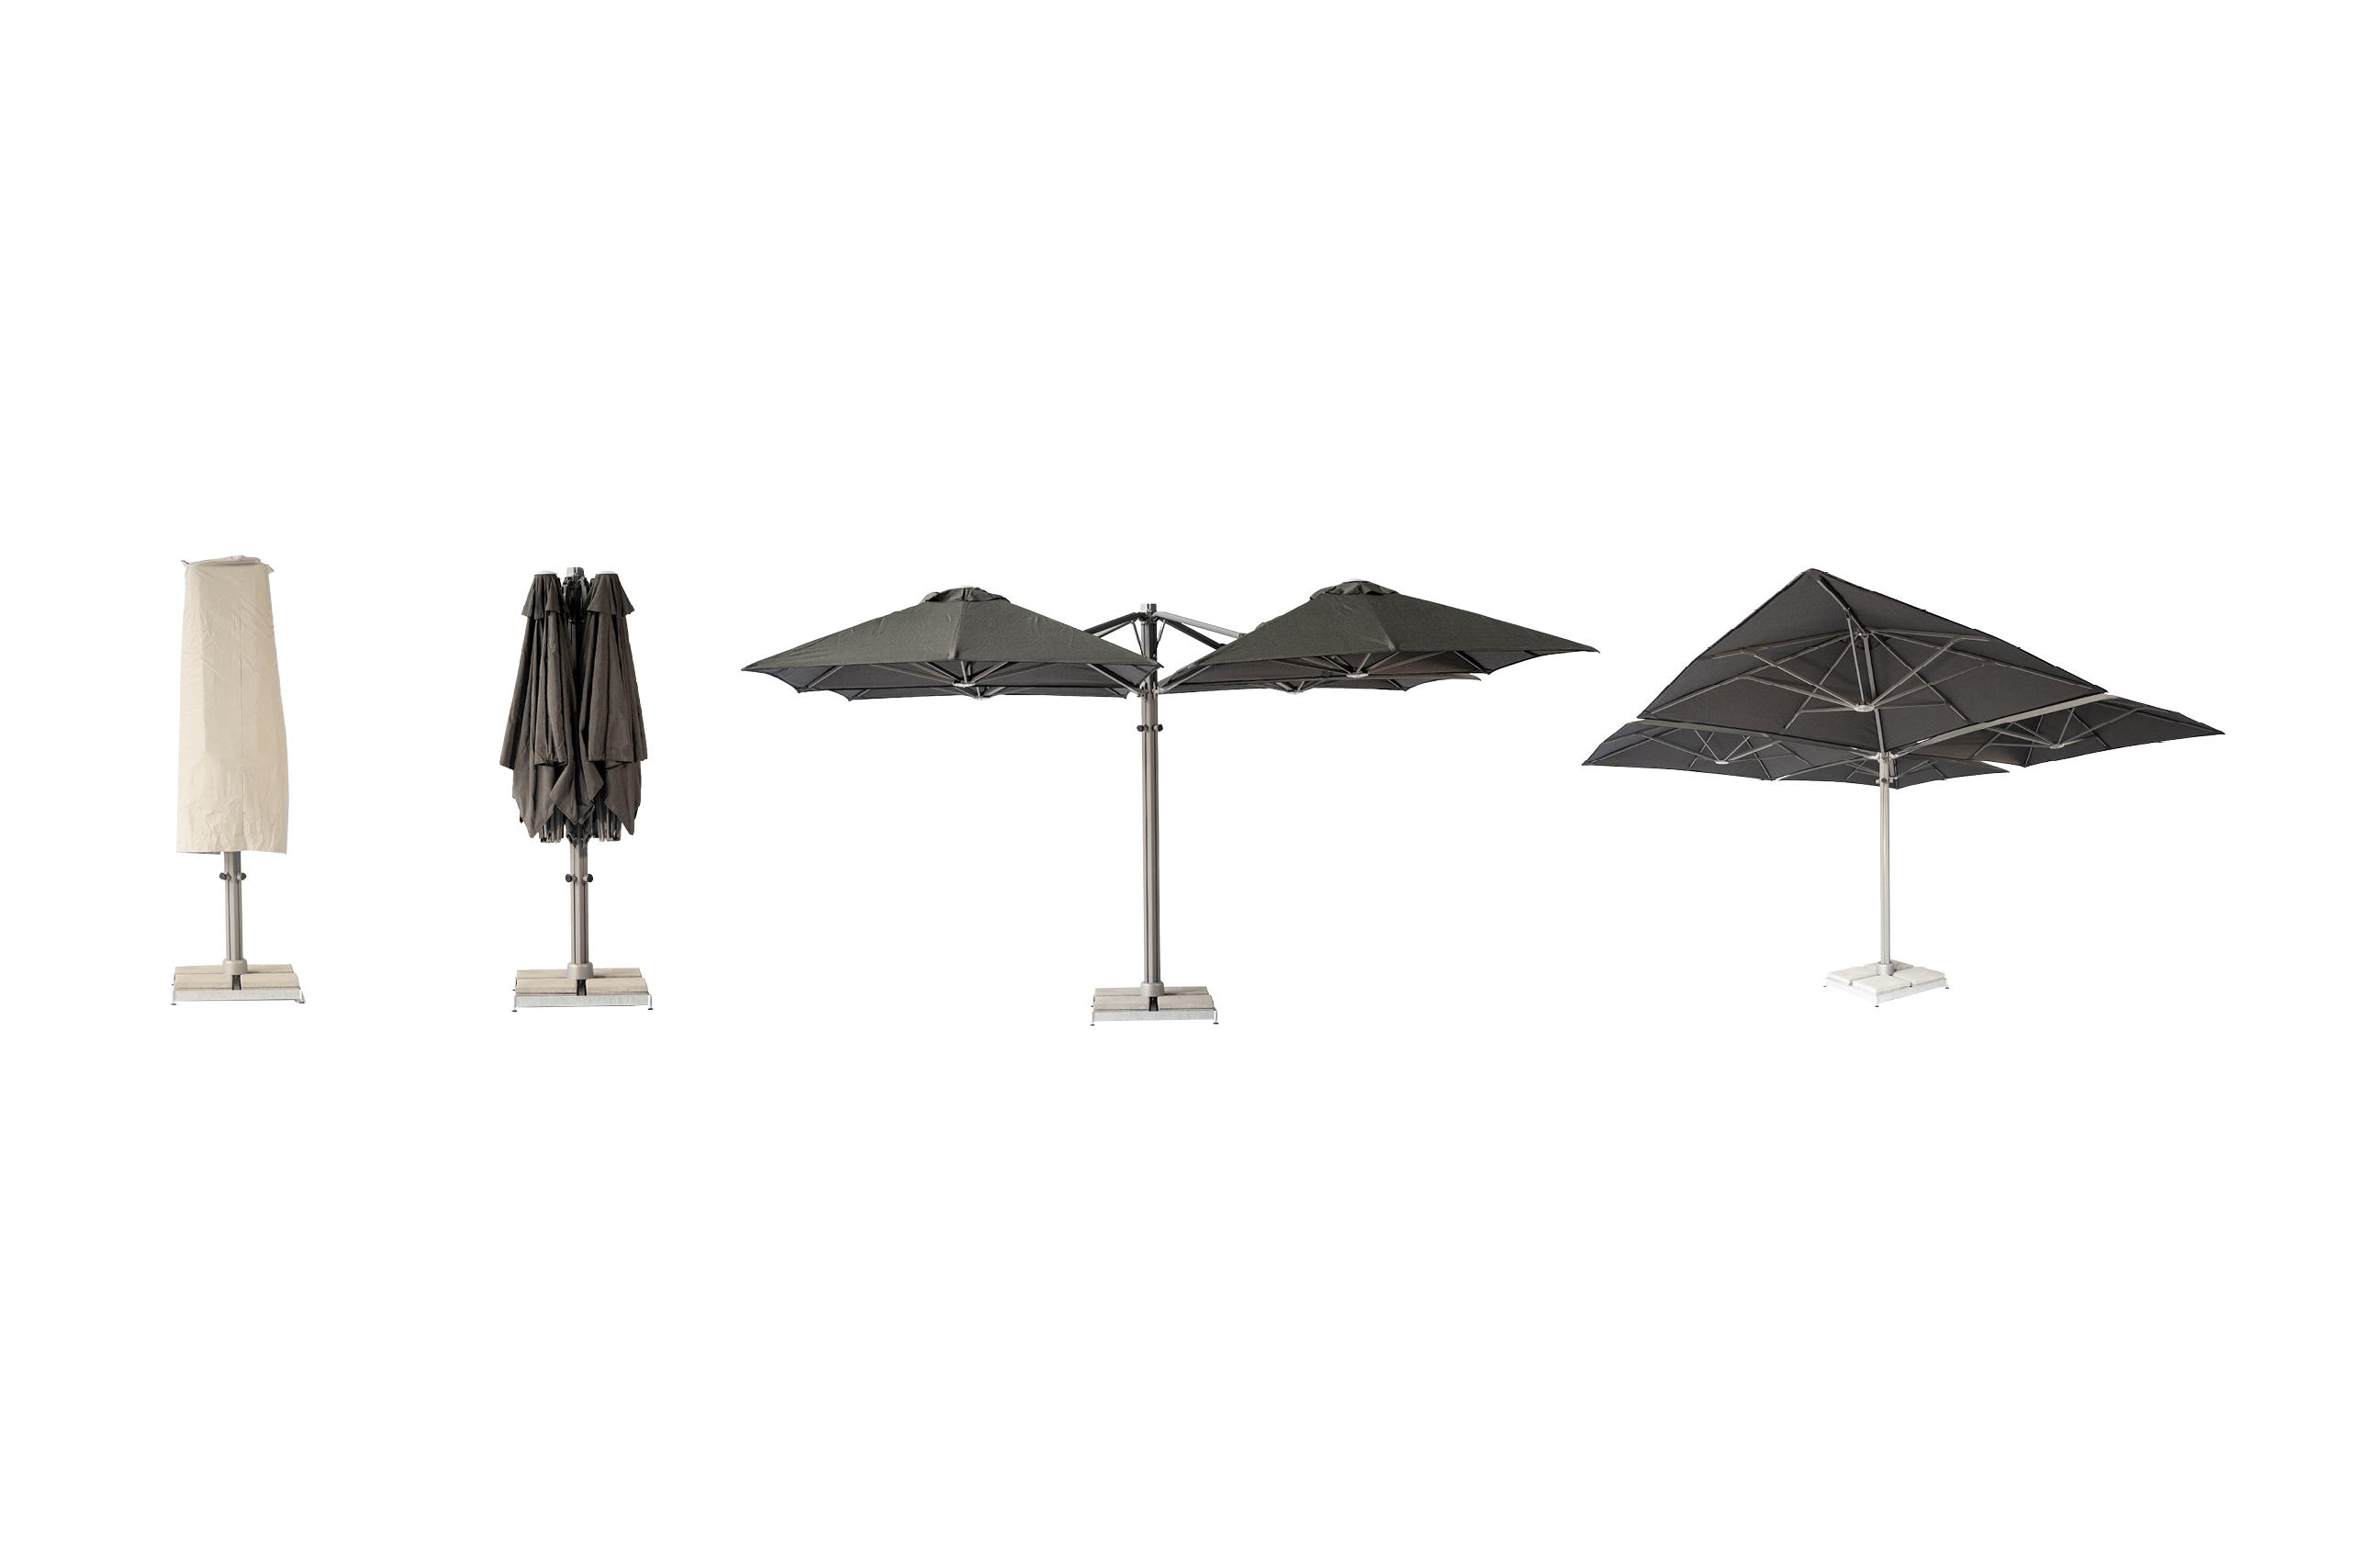 Multi-Canopy Cantilever Umbrella